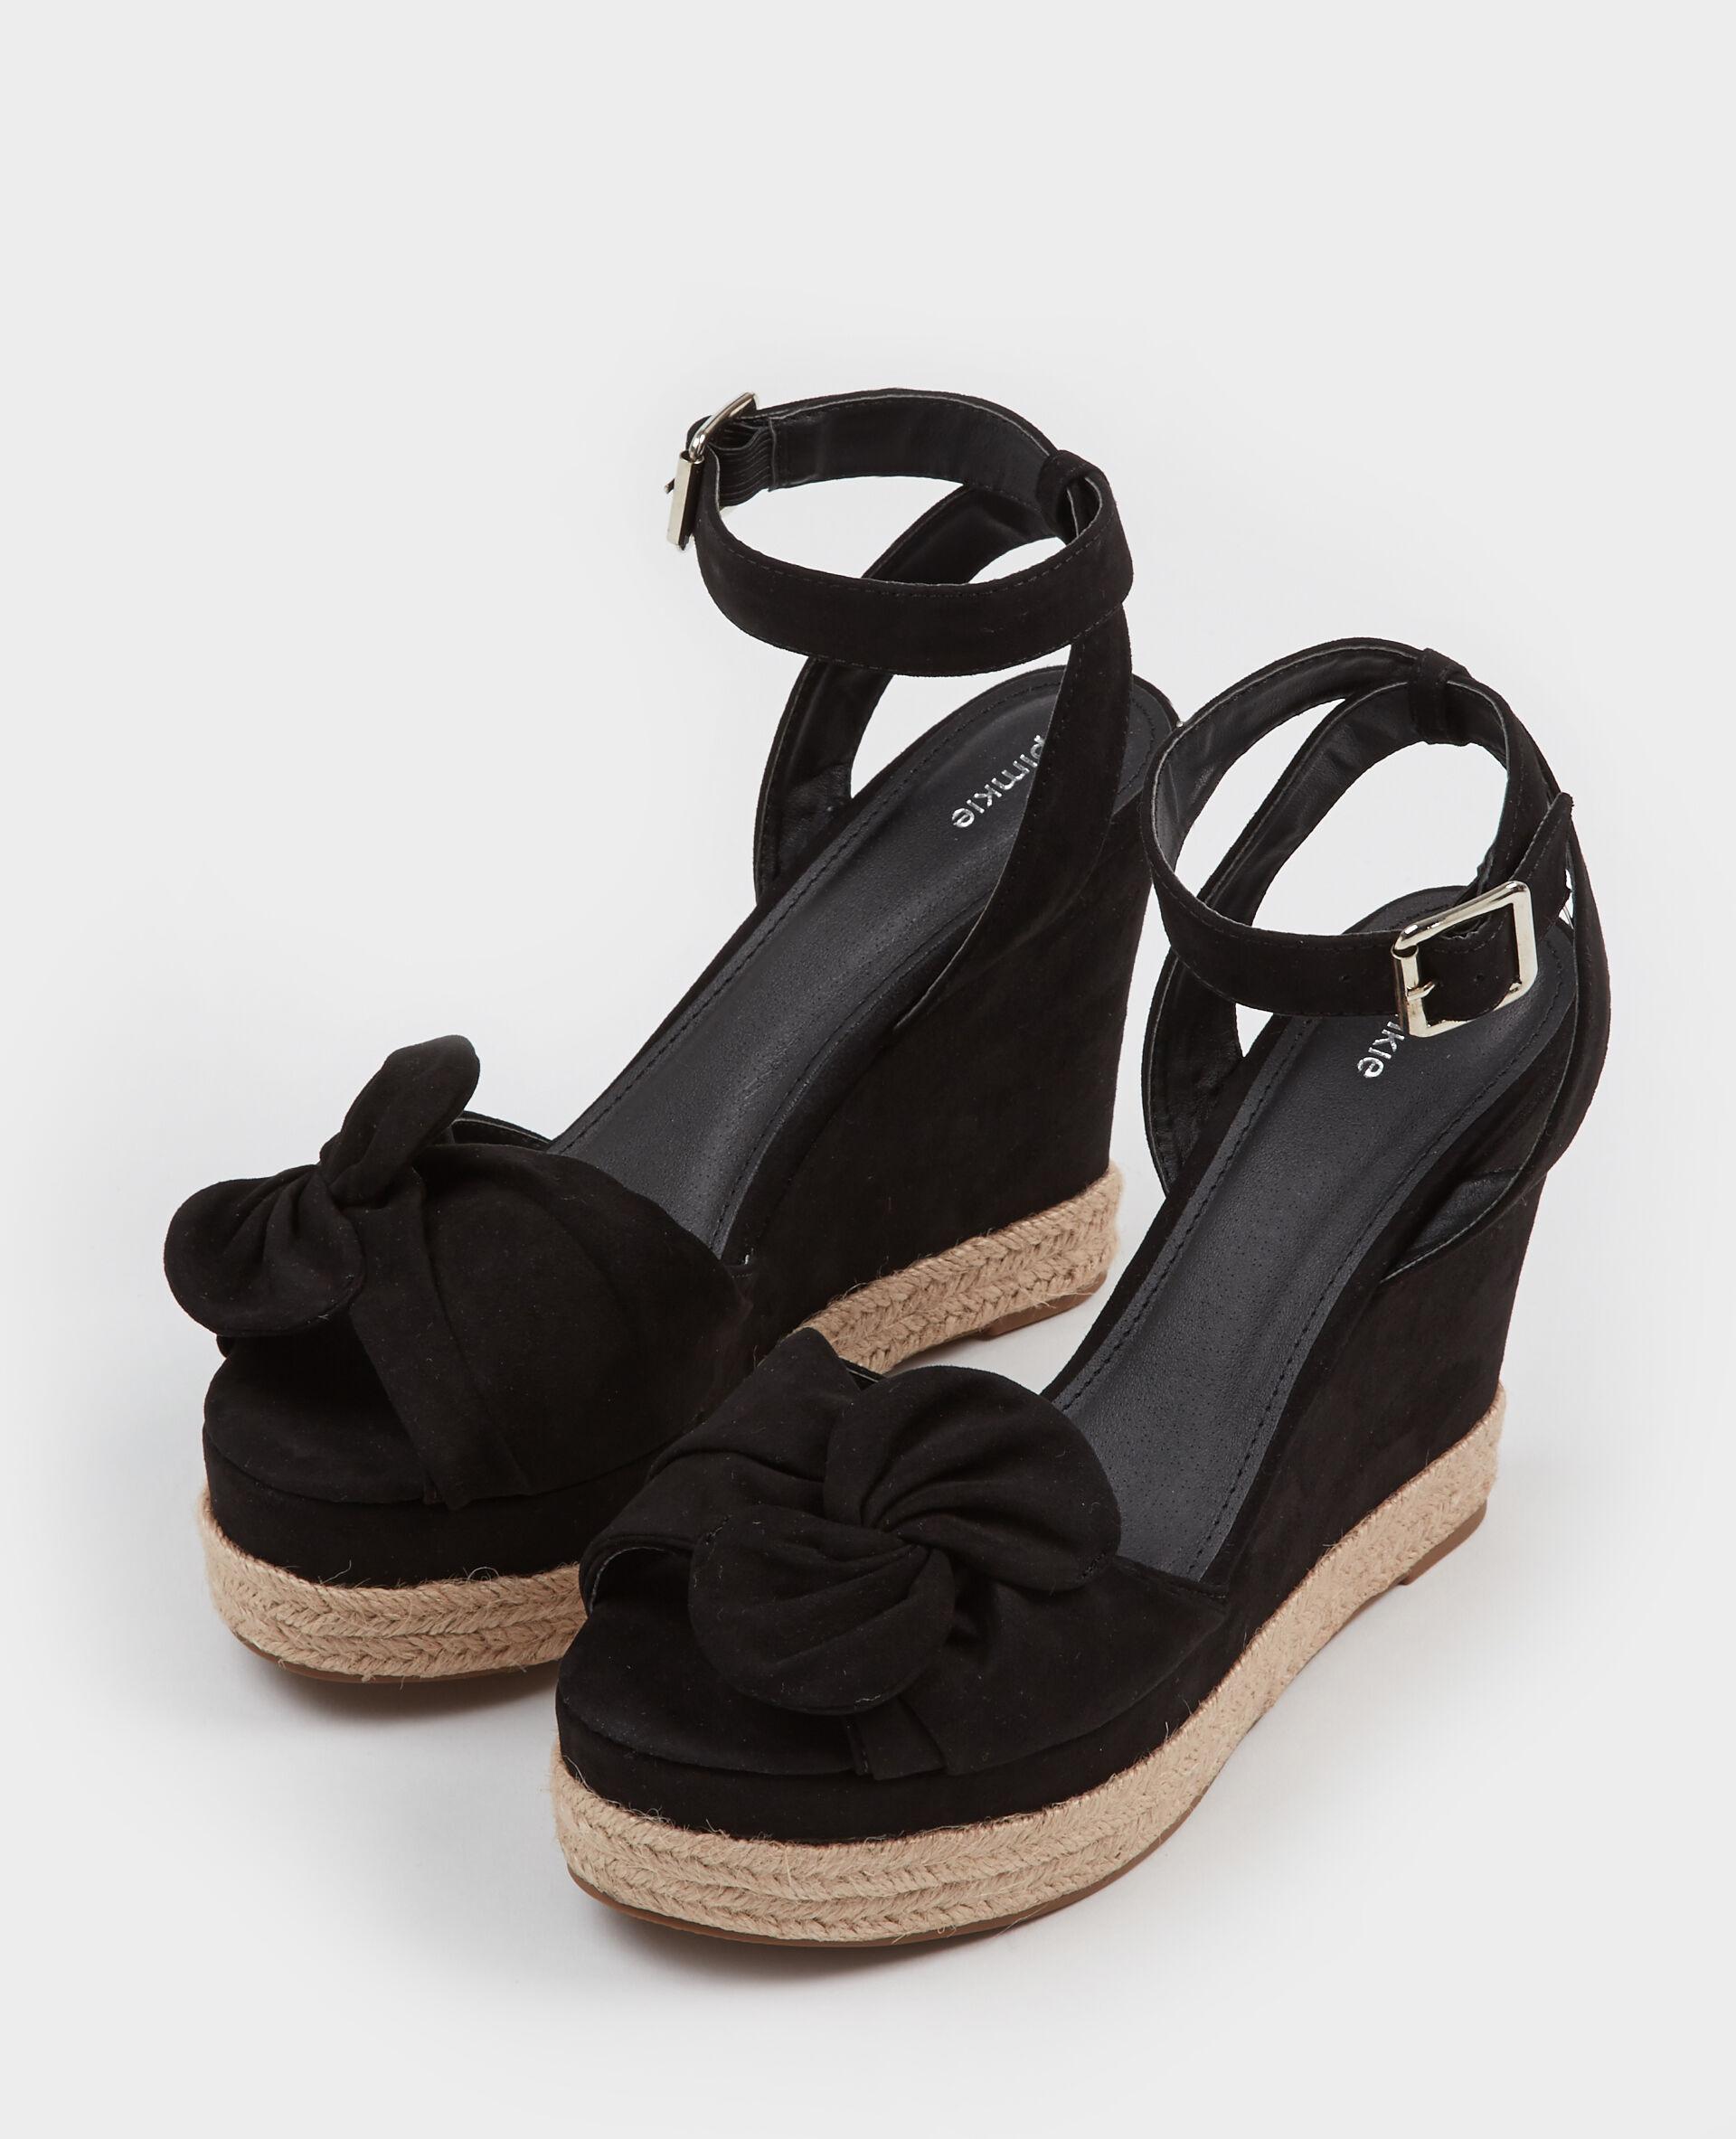 Sandales compensées à nœud noir 904936899A08 | Pimkie